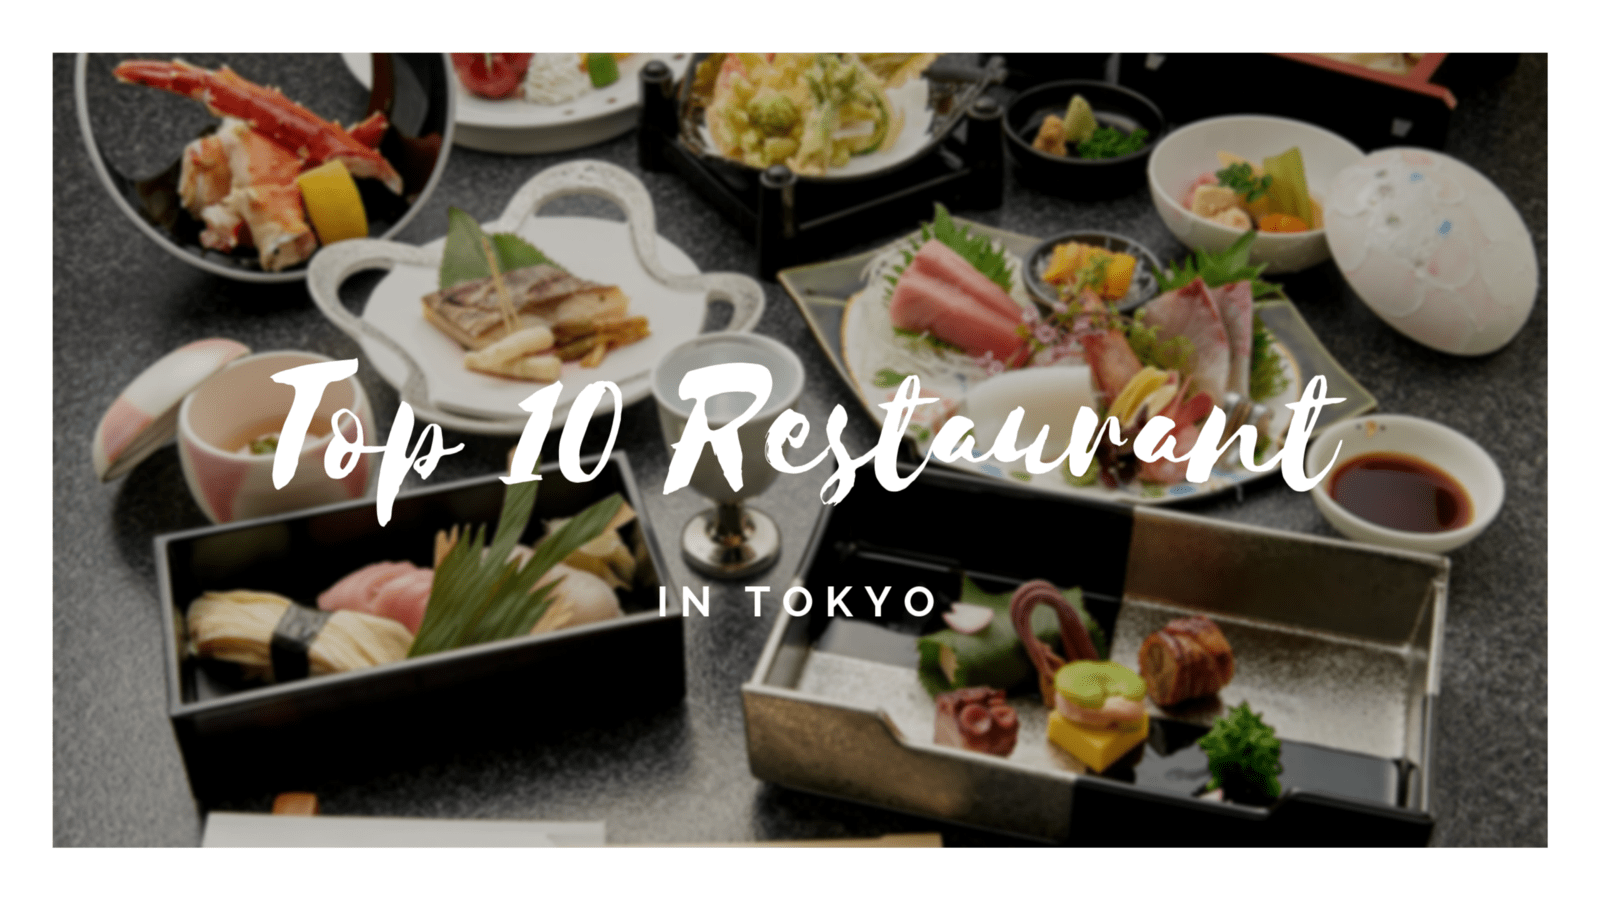 10 Best Restaurants in Tokyo!